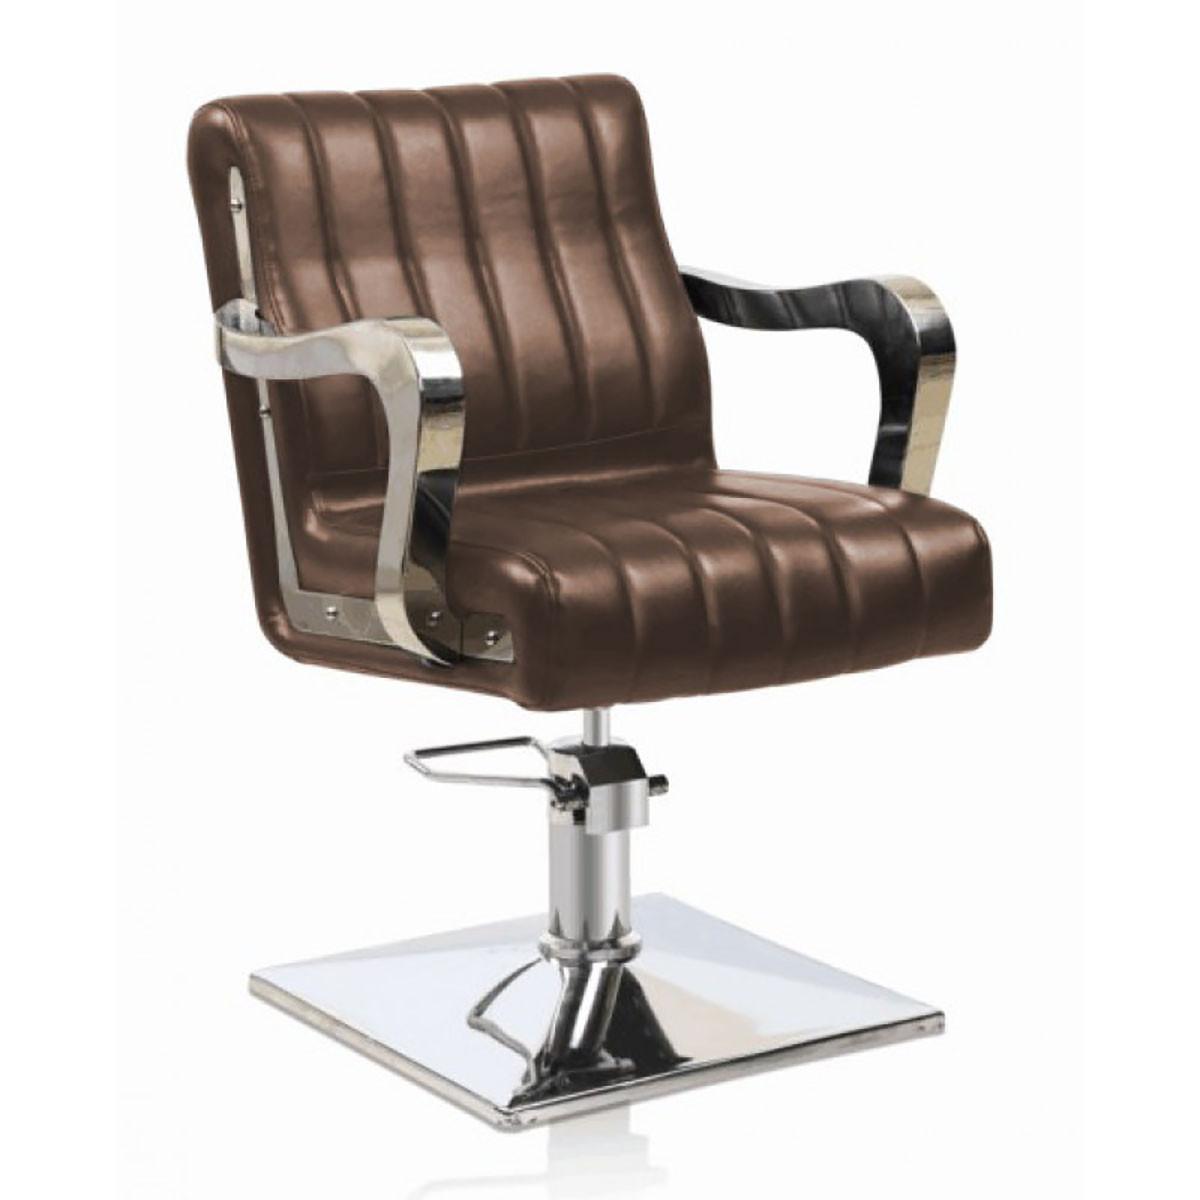 Кресло парикмахерское Tico Professional BM68463-734 Brown